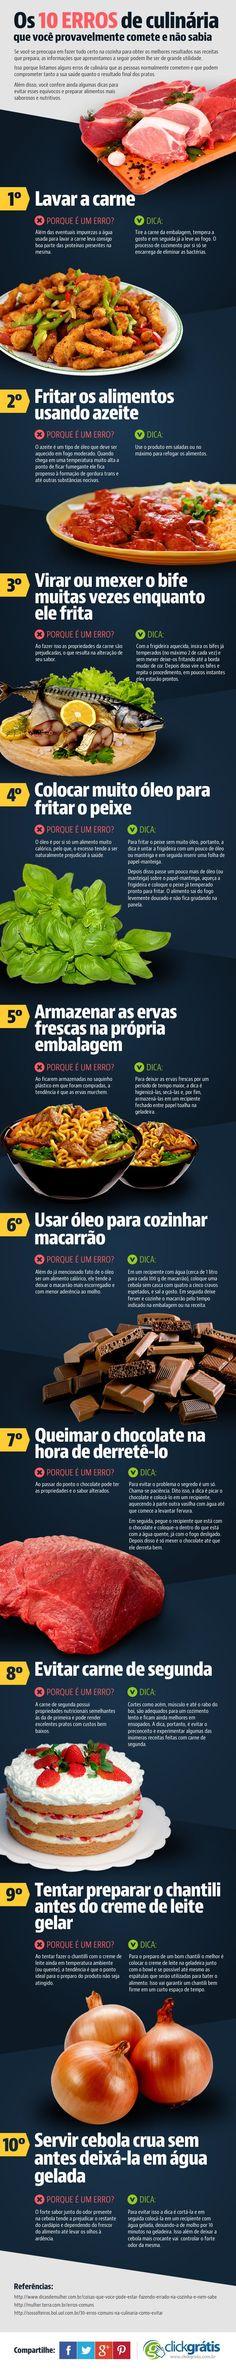 Conheça o infográfico sobre Veja os 10 erros de culinária que você provavelmente comete e não sabia